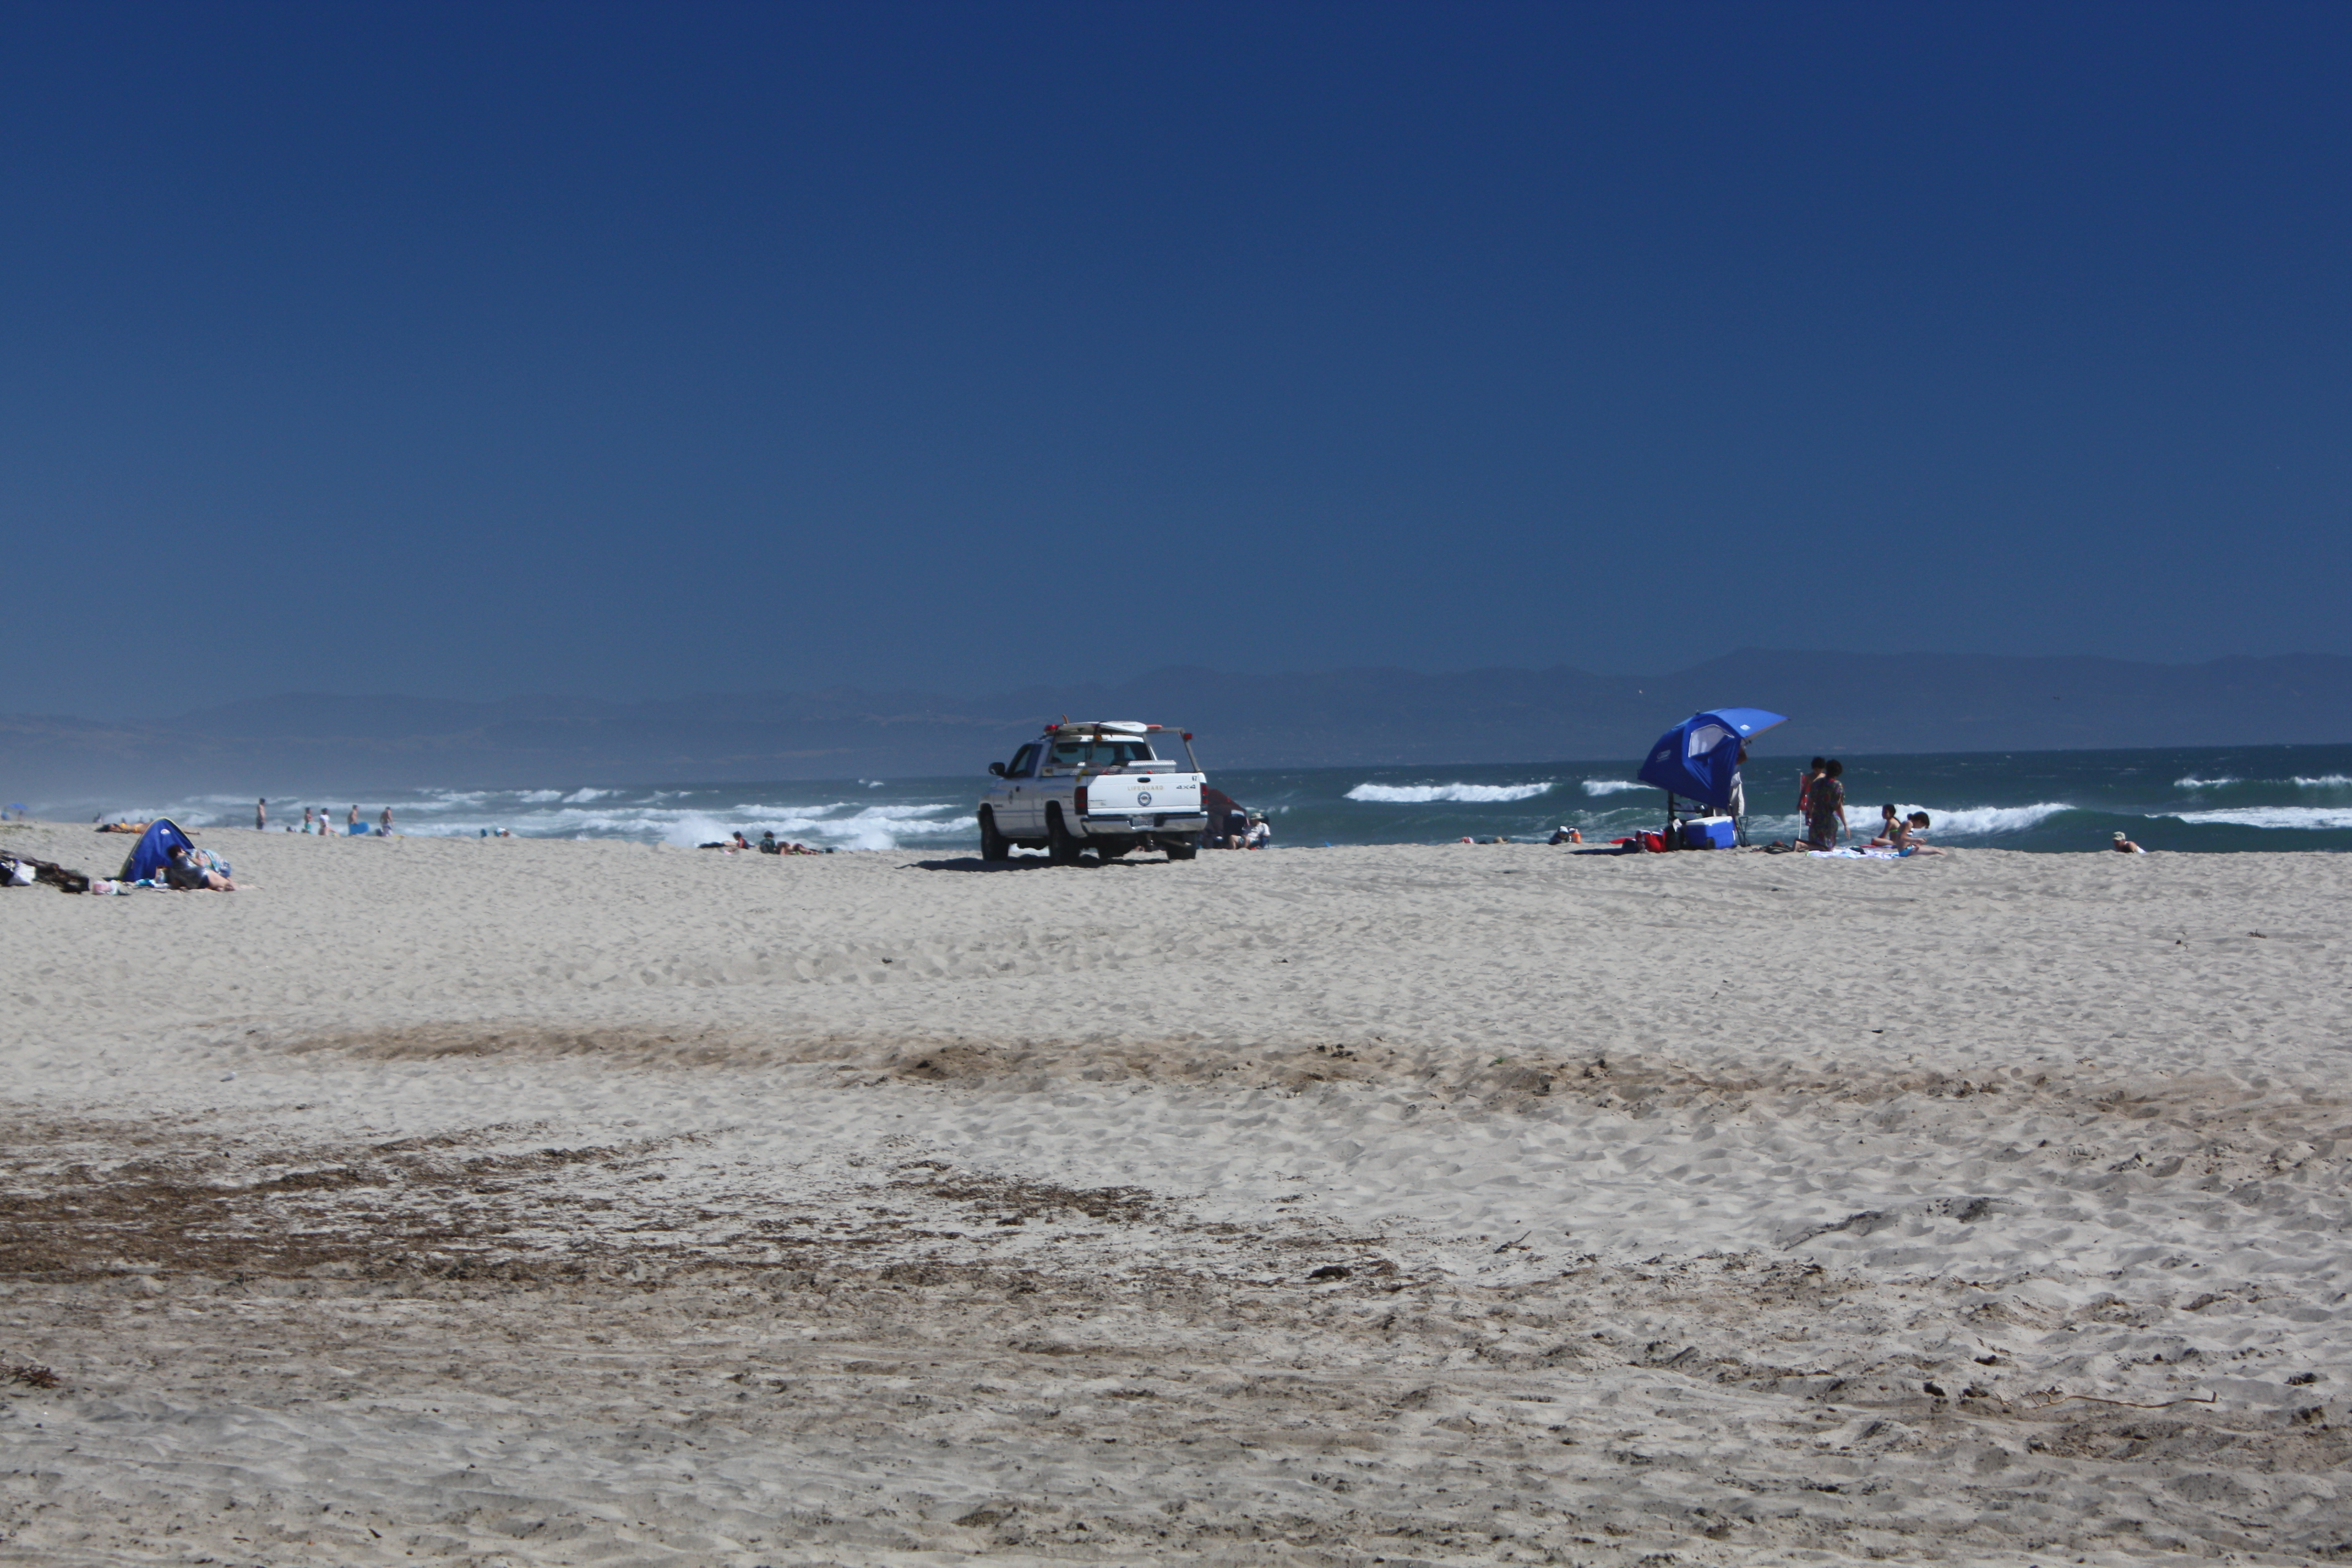 Manresa State Beach Sharks